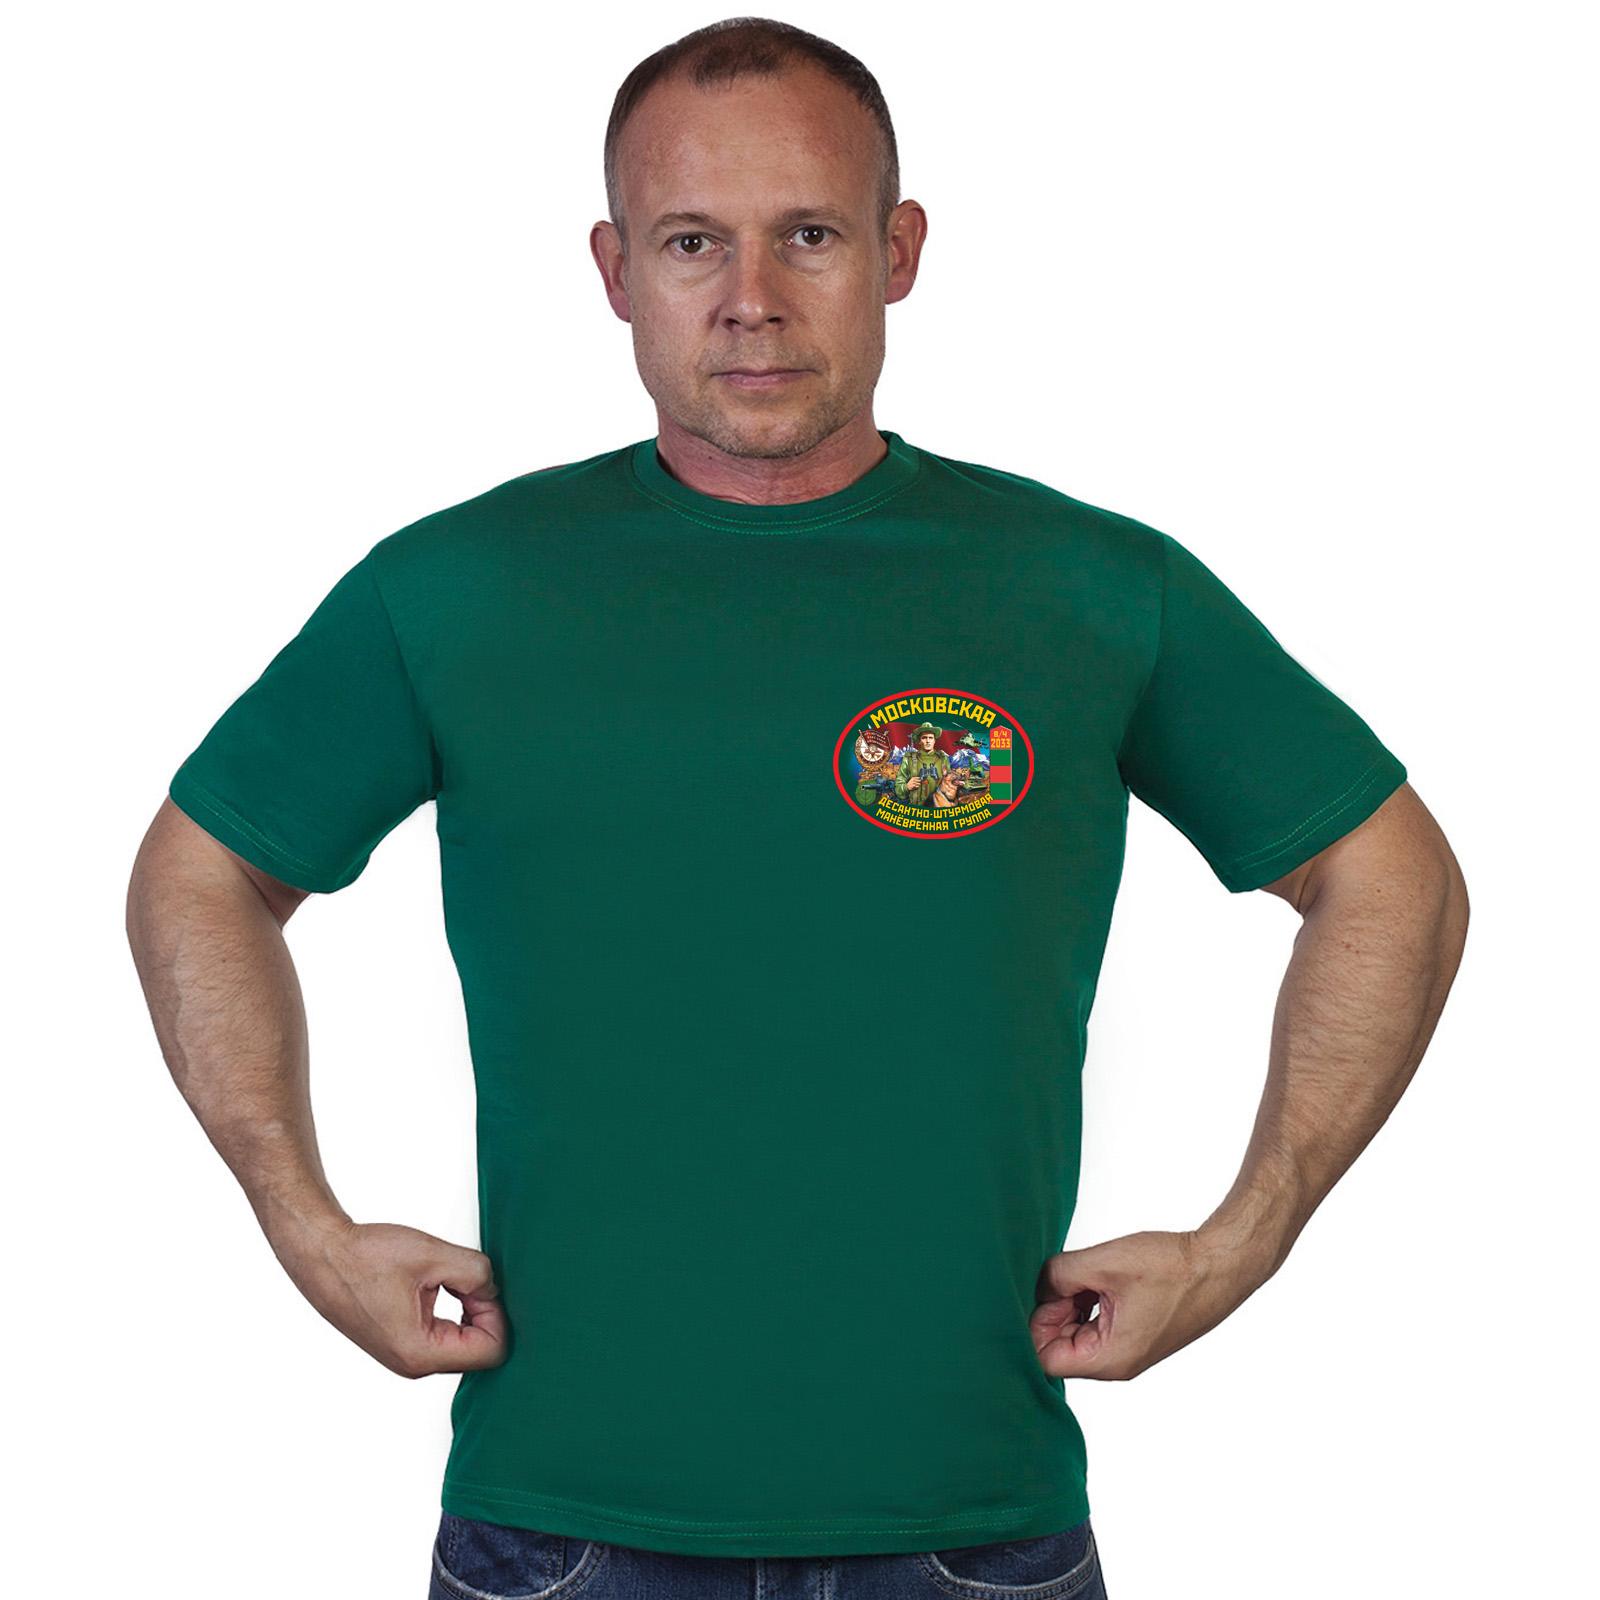 Купить в интернет магазине  футболку Московская ДШМГ